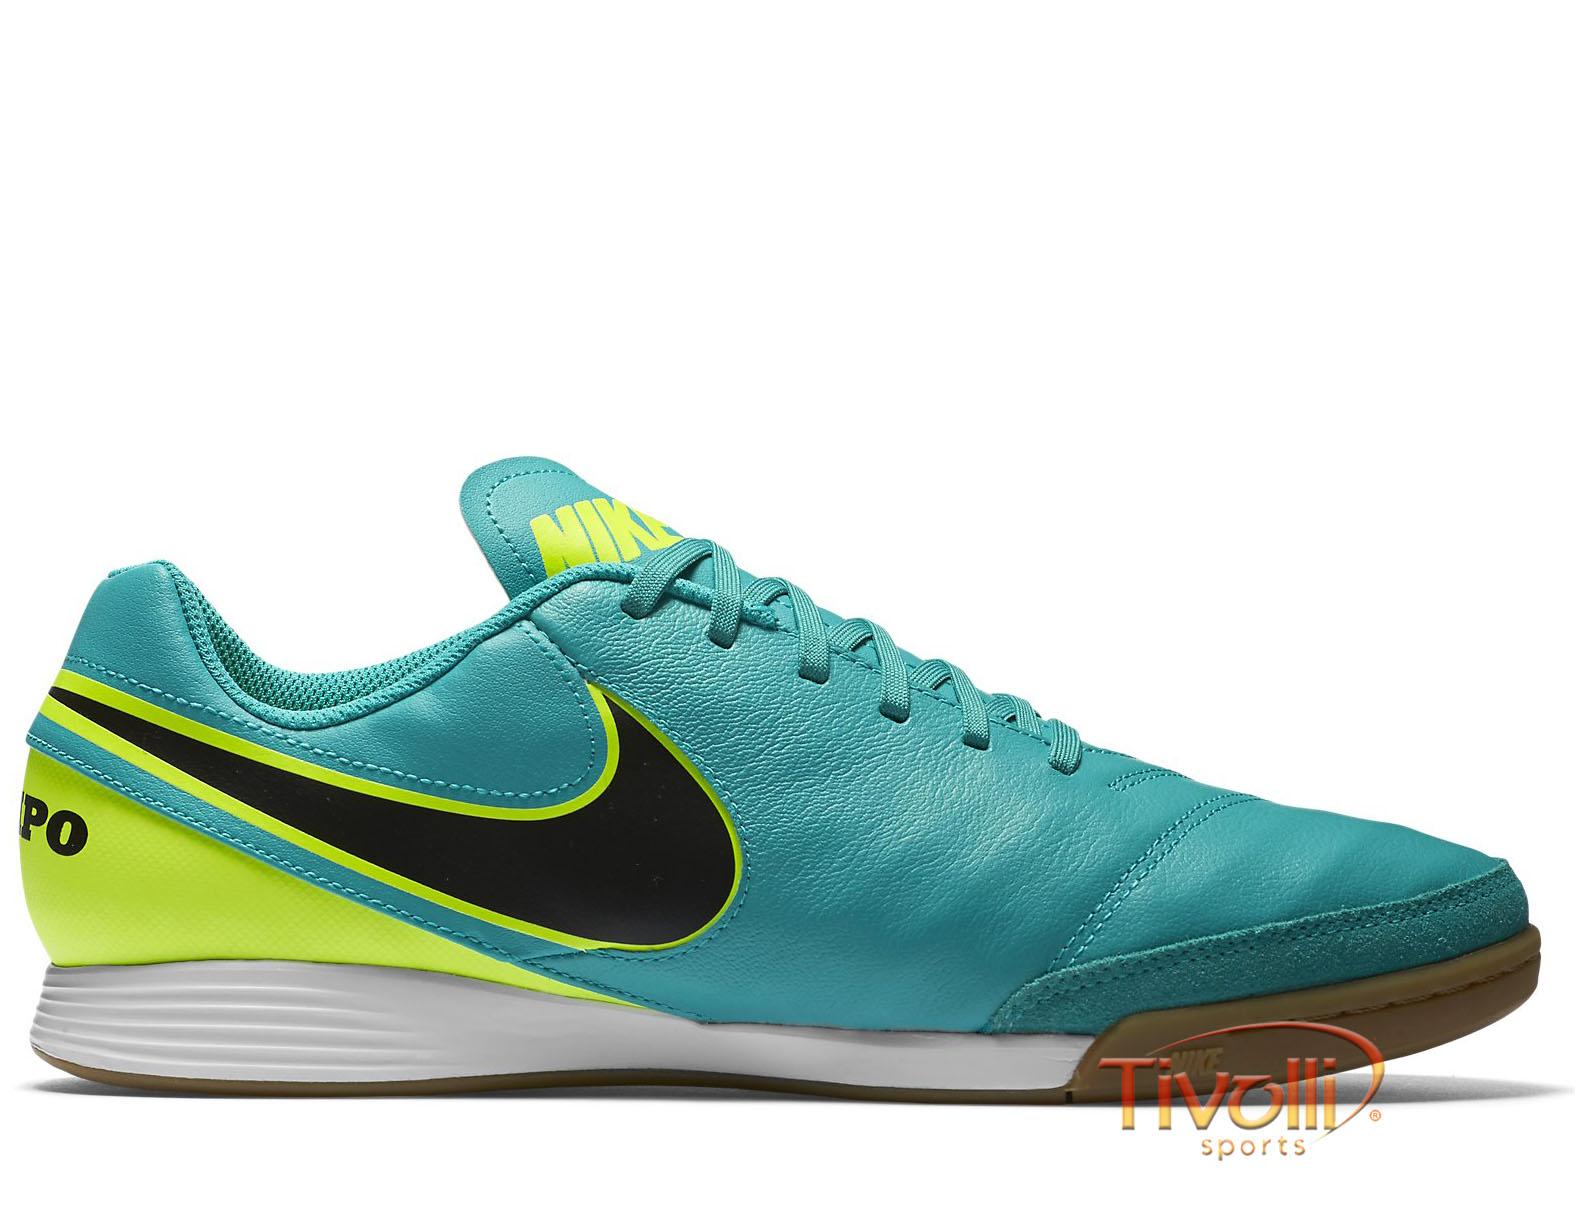 67b7b999788e1 Chuteira Nike Tiempo Genio II Leather IC Futsal